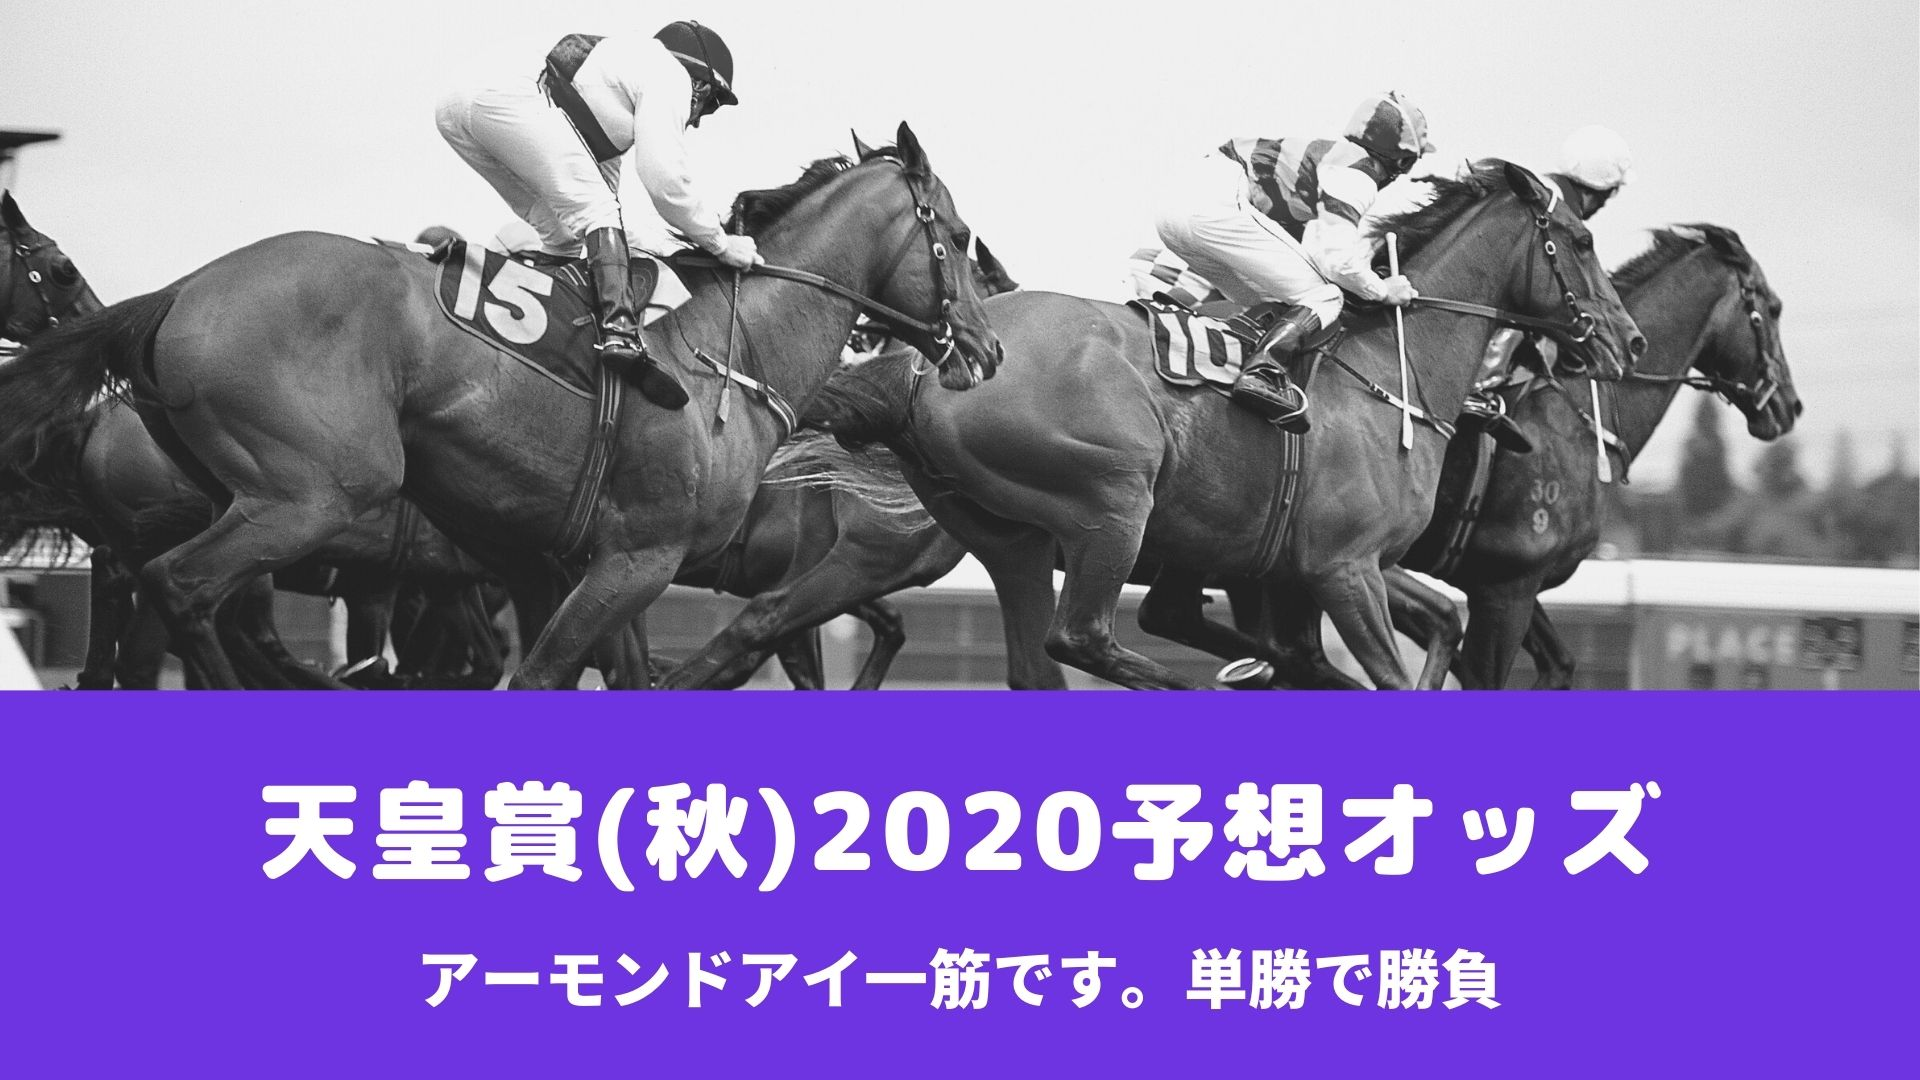 天皇賞秋2020ブックメーカーの予想オッズ比較